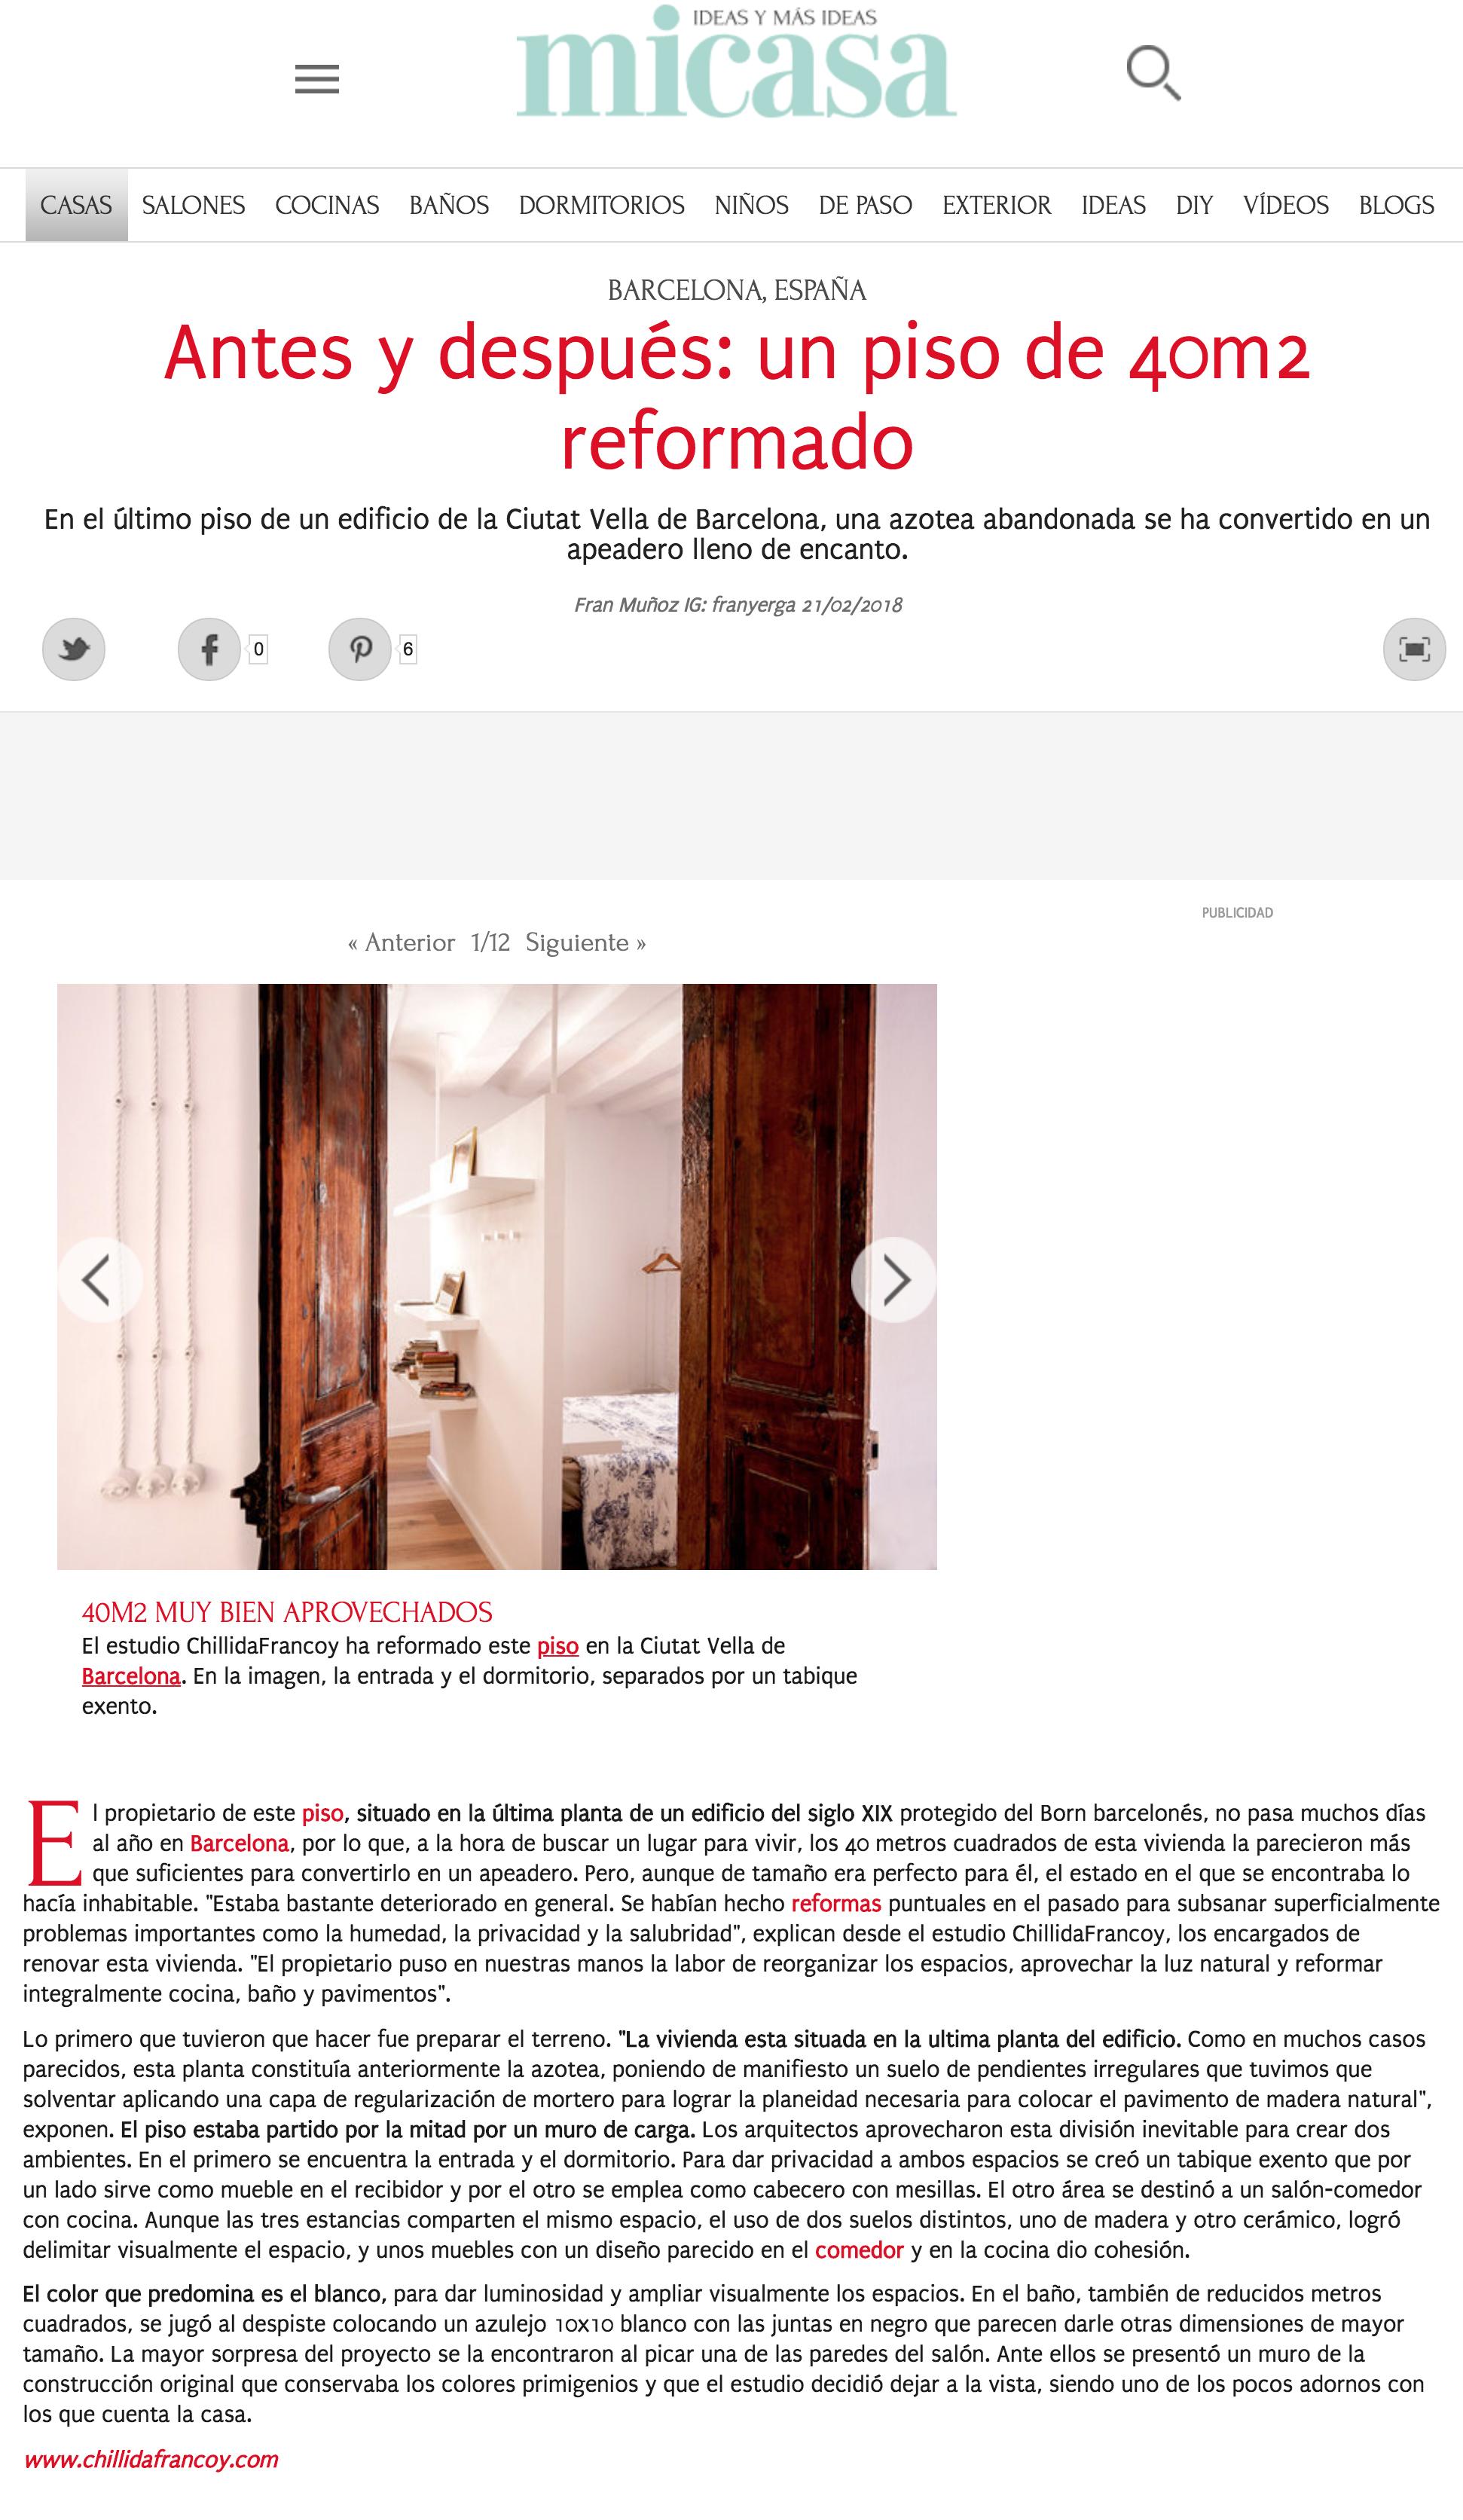 imagen publicación en MICASA.jpg